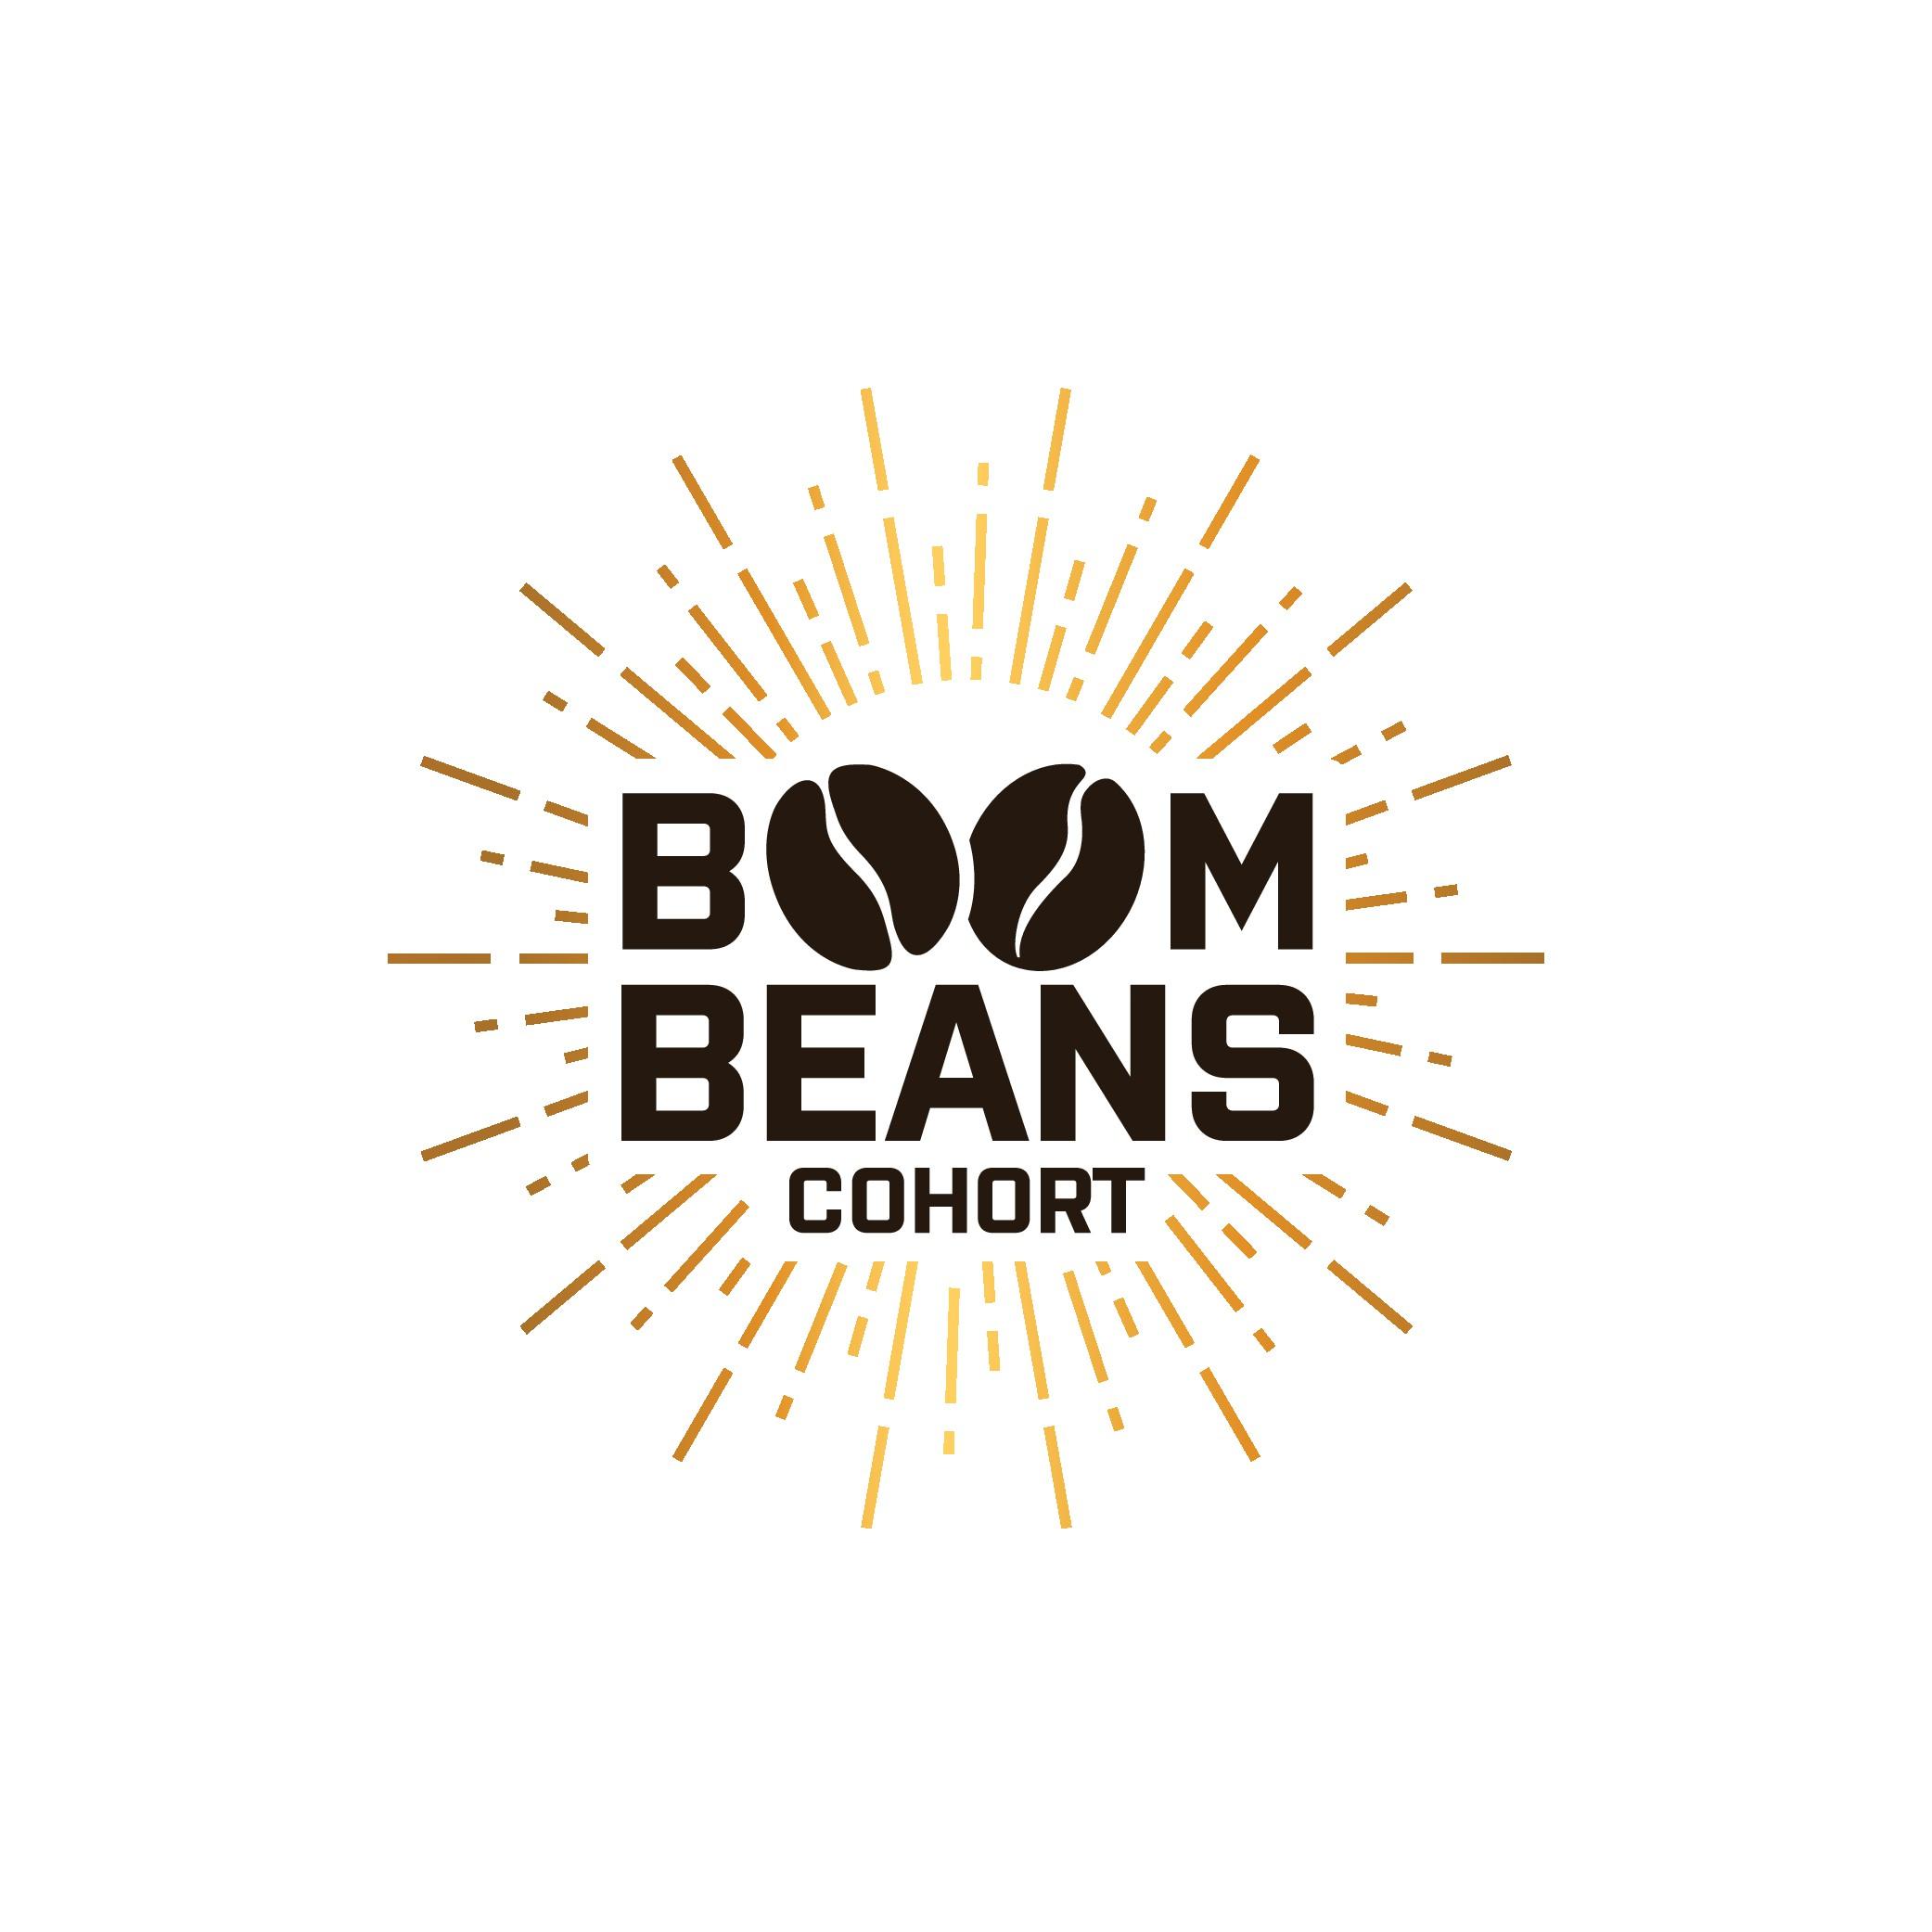 Design the future #1 coffee brand in America